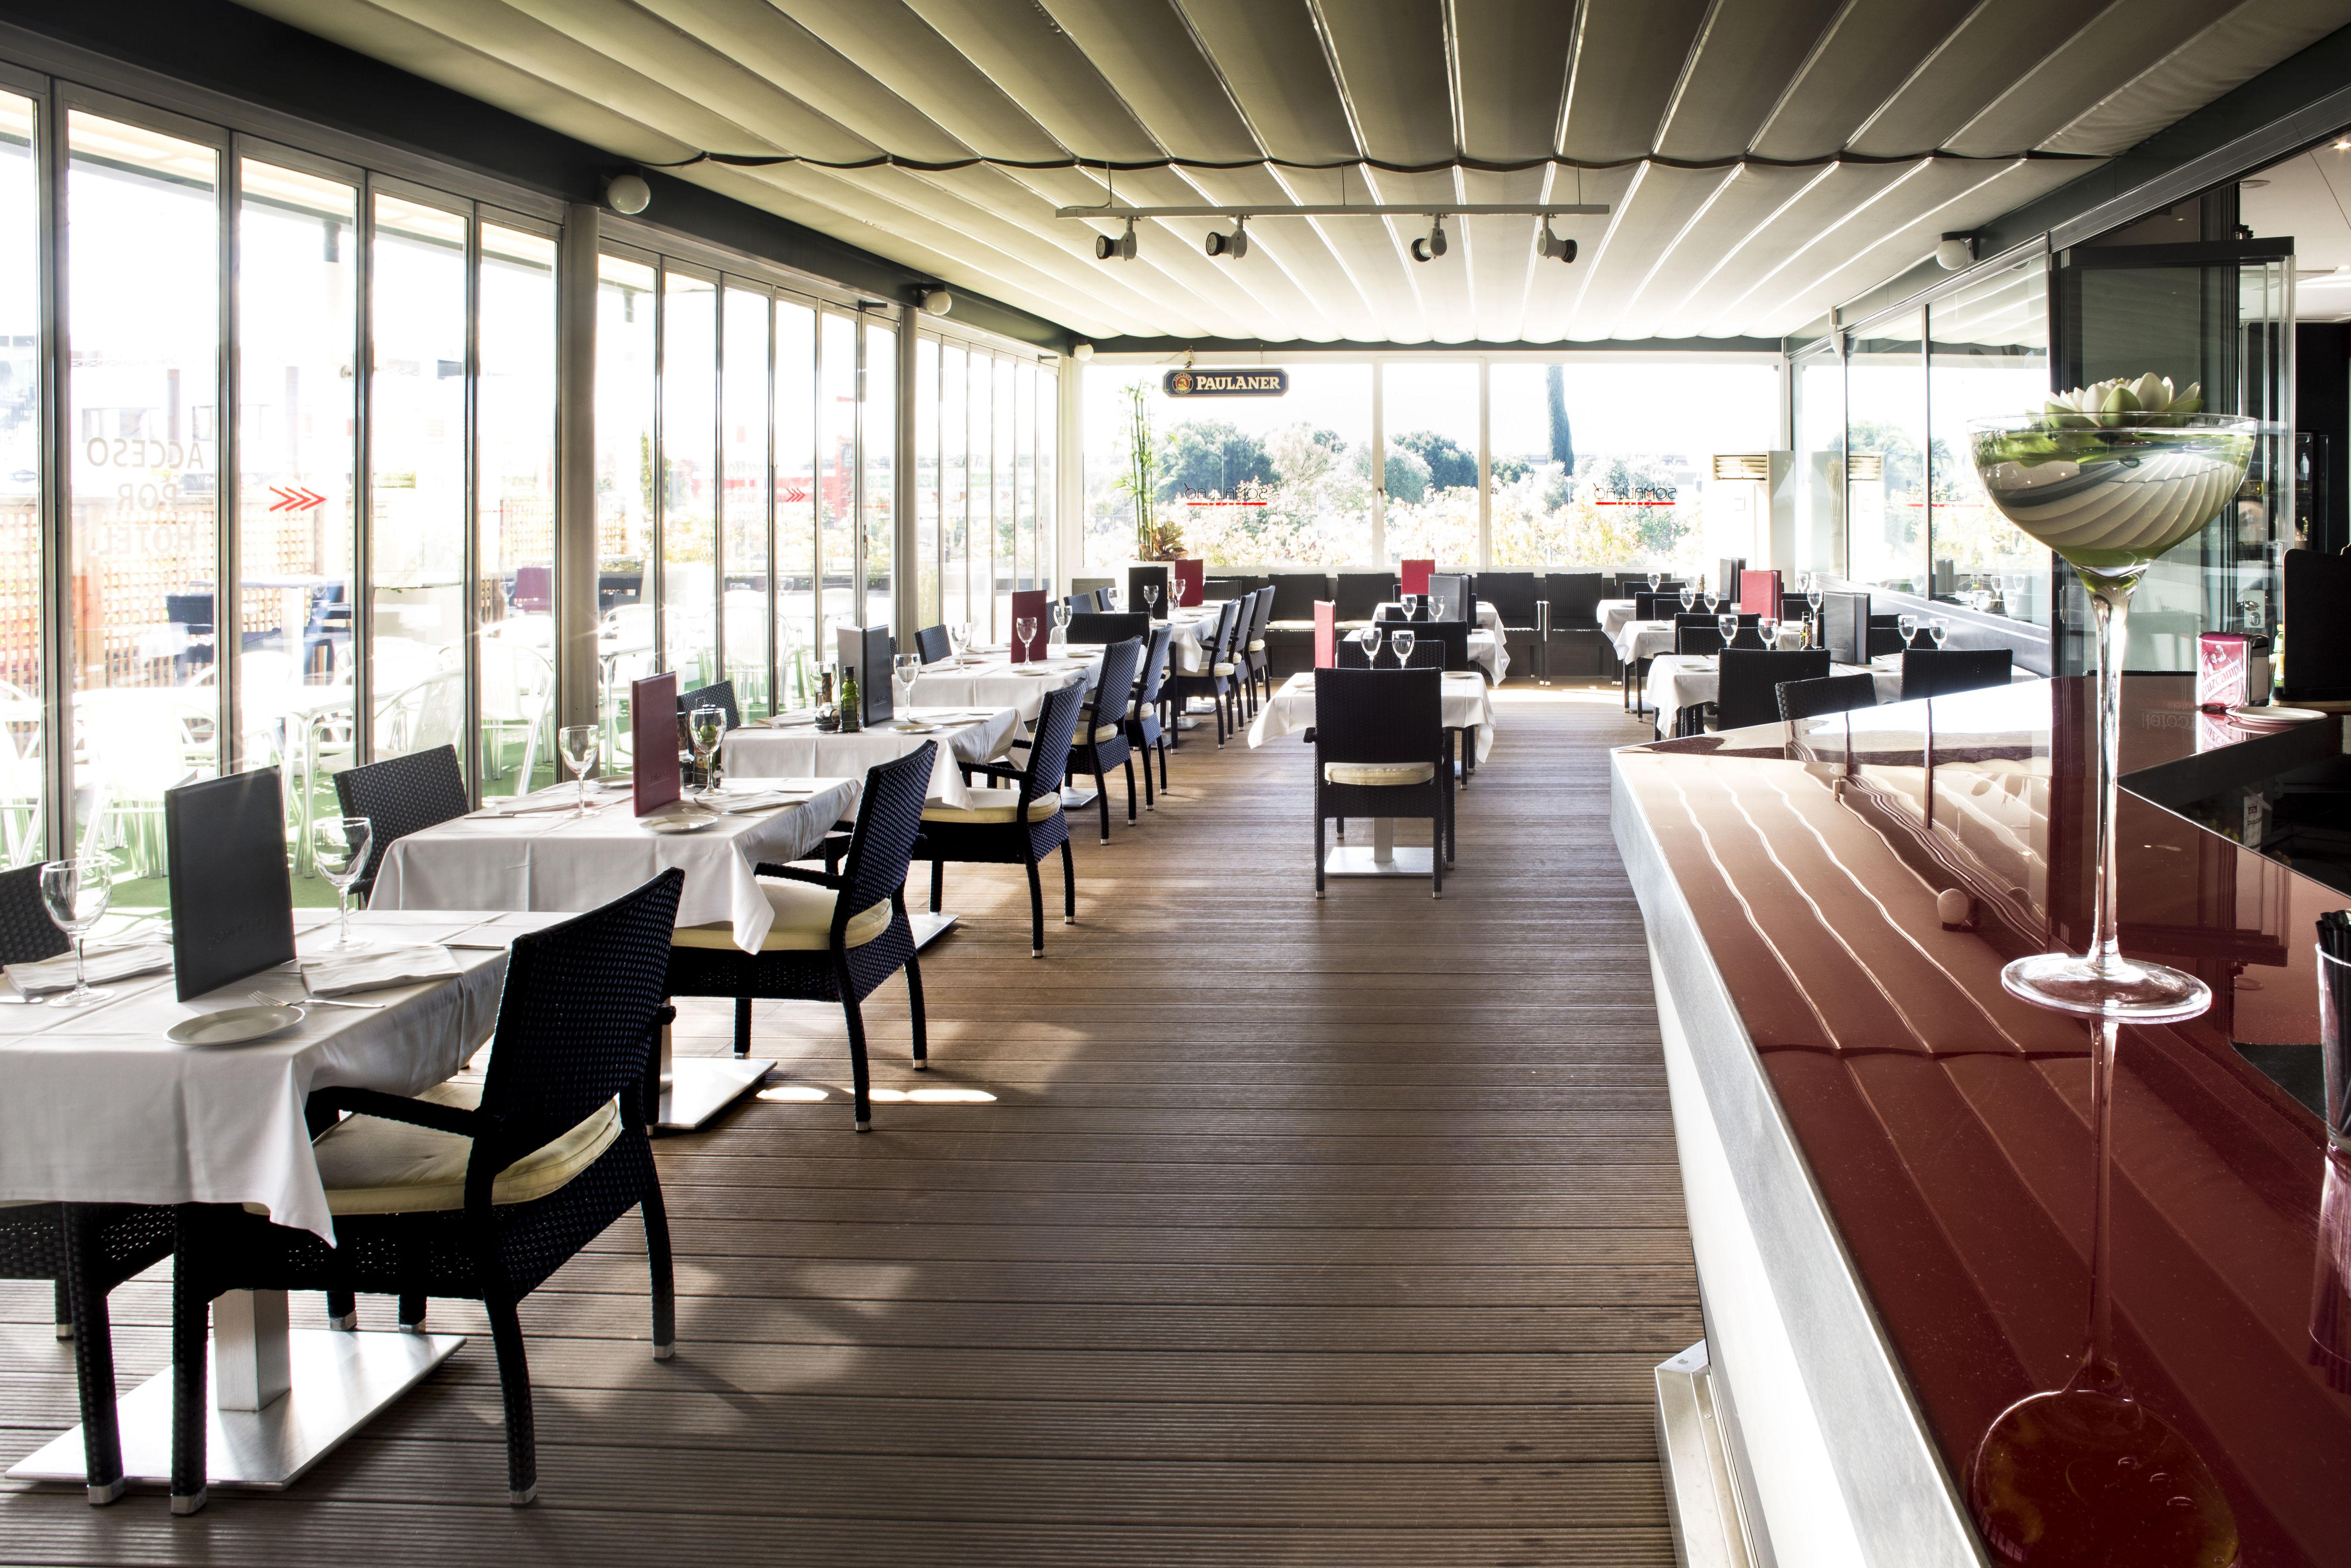 Foto 10 de Restaurantes en Rivas Vaciamadrid | Restaurante Somallao Sercotel Rivas